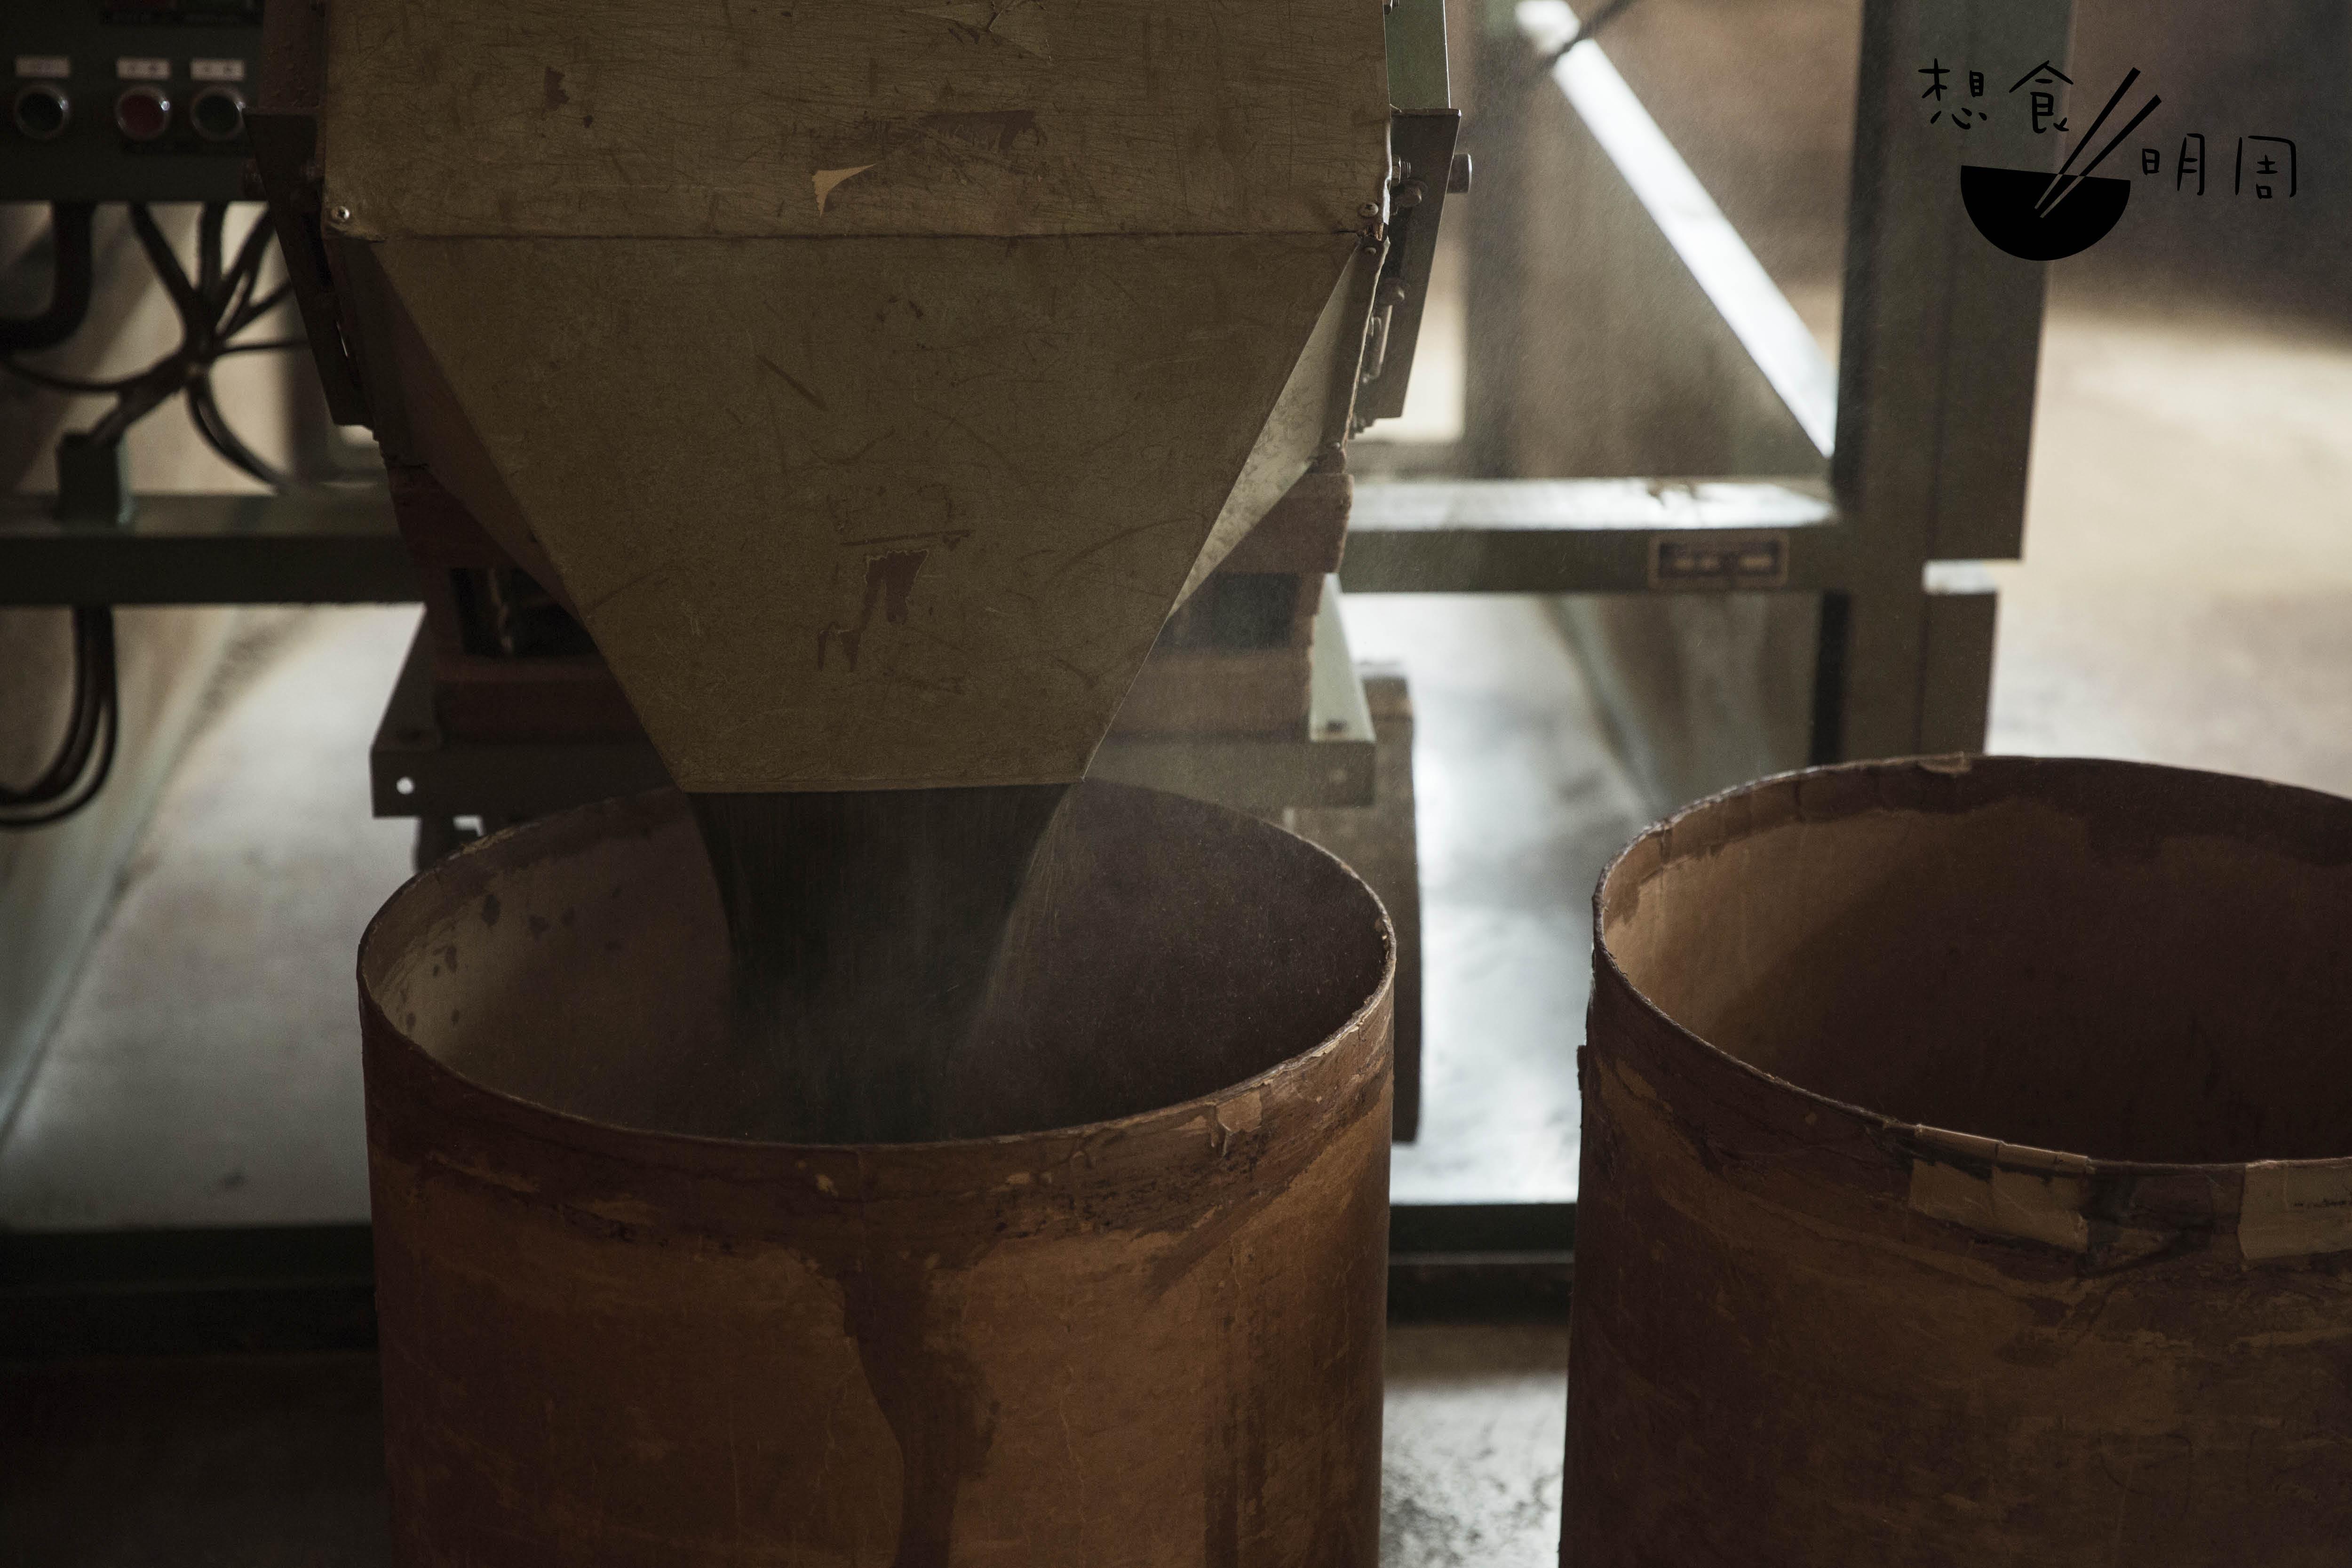 緩慢轉動數小時,茶葉從撈茶機注入到大筒內,飄散出萬千茶塵及馥郁茶香。